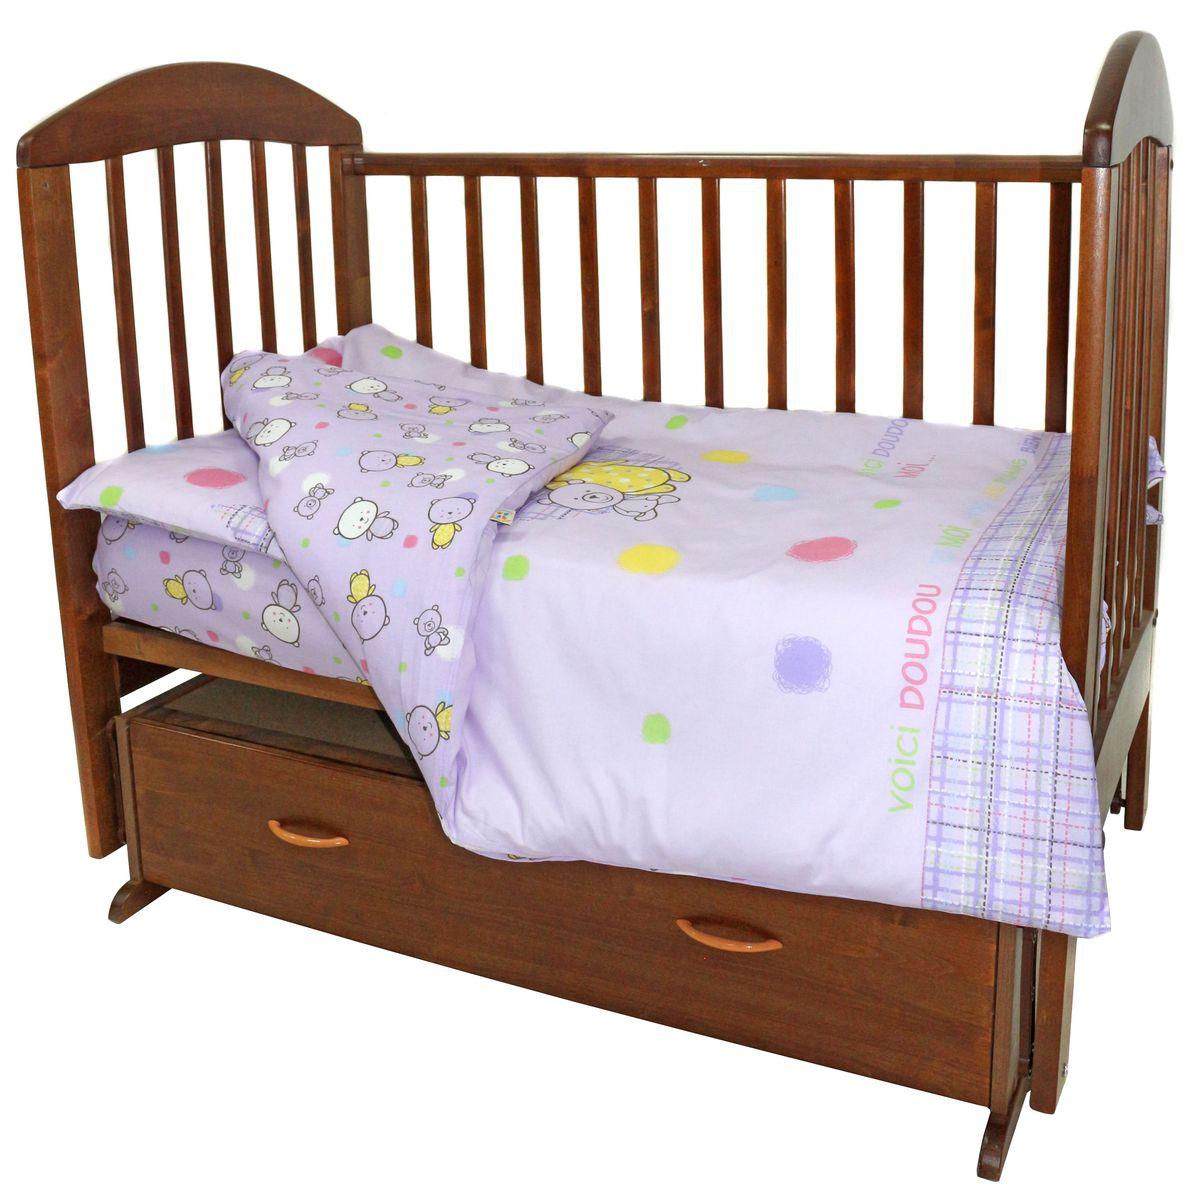 Топотушки Комплект детского постельного белья Мой Медвежонок цвет сиреневый 3 предмета4630008875537Комплект постельного белья из 3 предметов включает все необходимые элементы для детской кроватки. Комплект создает для Вашего ребенкауют, комфорт и безопасную среду с рождения, современный дизайн и цветовые сочетания помогают ребенку адаптироваться в новом для негомире. Комплекты «Топотушки» хорошо вписываются в интерьер как детской комнаты, так и спальни родителей. Как и все изделия «Топотушки» данный комплект отражает самые последние технологии, является безопасным для малыша и экологичным.Российское происхождение комплекта гарантирует стабильно высокое качество, соответствие актуальным пожеланиям потребителей,конкурентоспособную цену. В комплекте: Наволочка 40х60см, пододеяльник 104х147см, простынь на резинке 120х60см